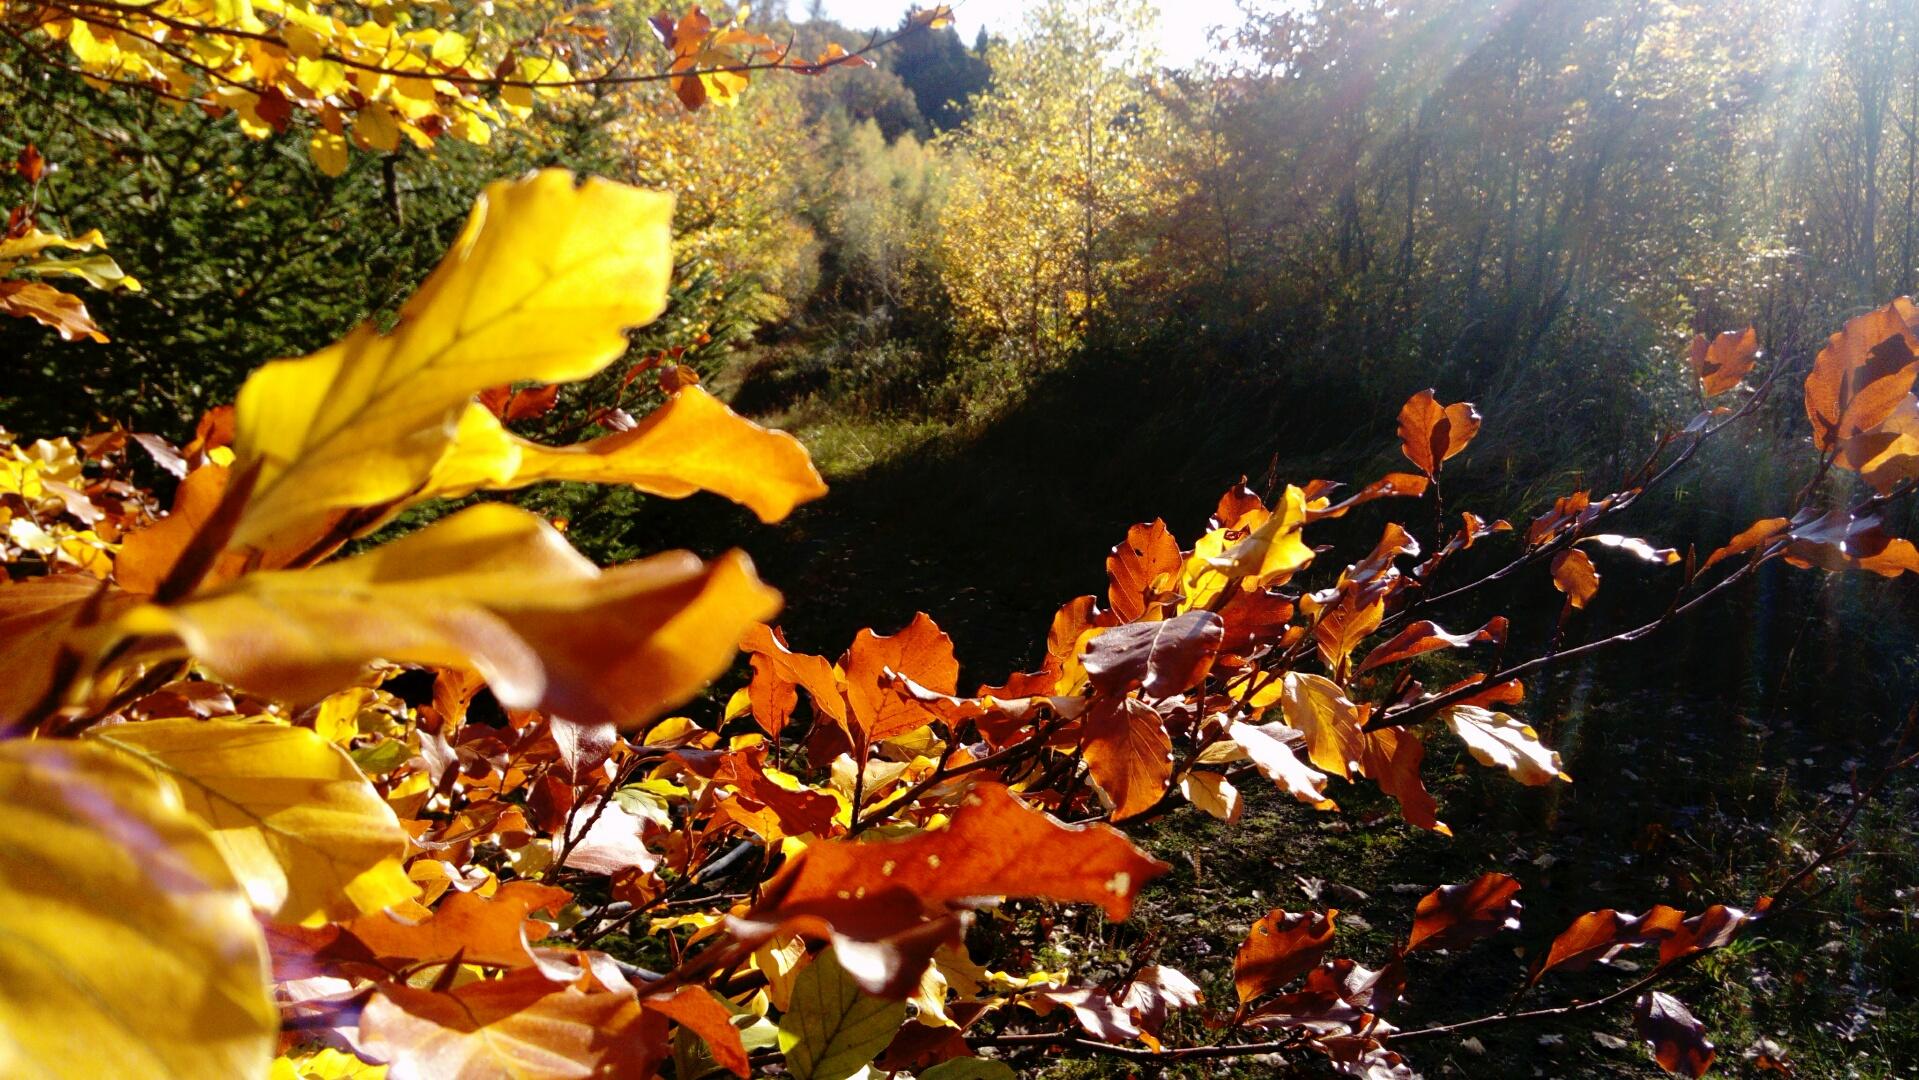 Herbstlaub in Licht und Schatten